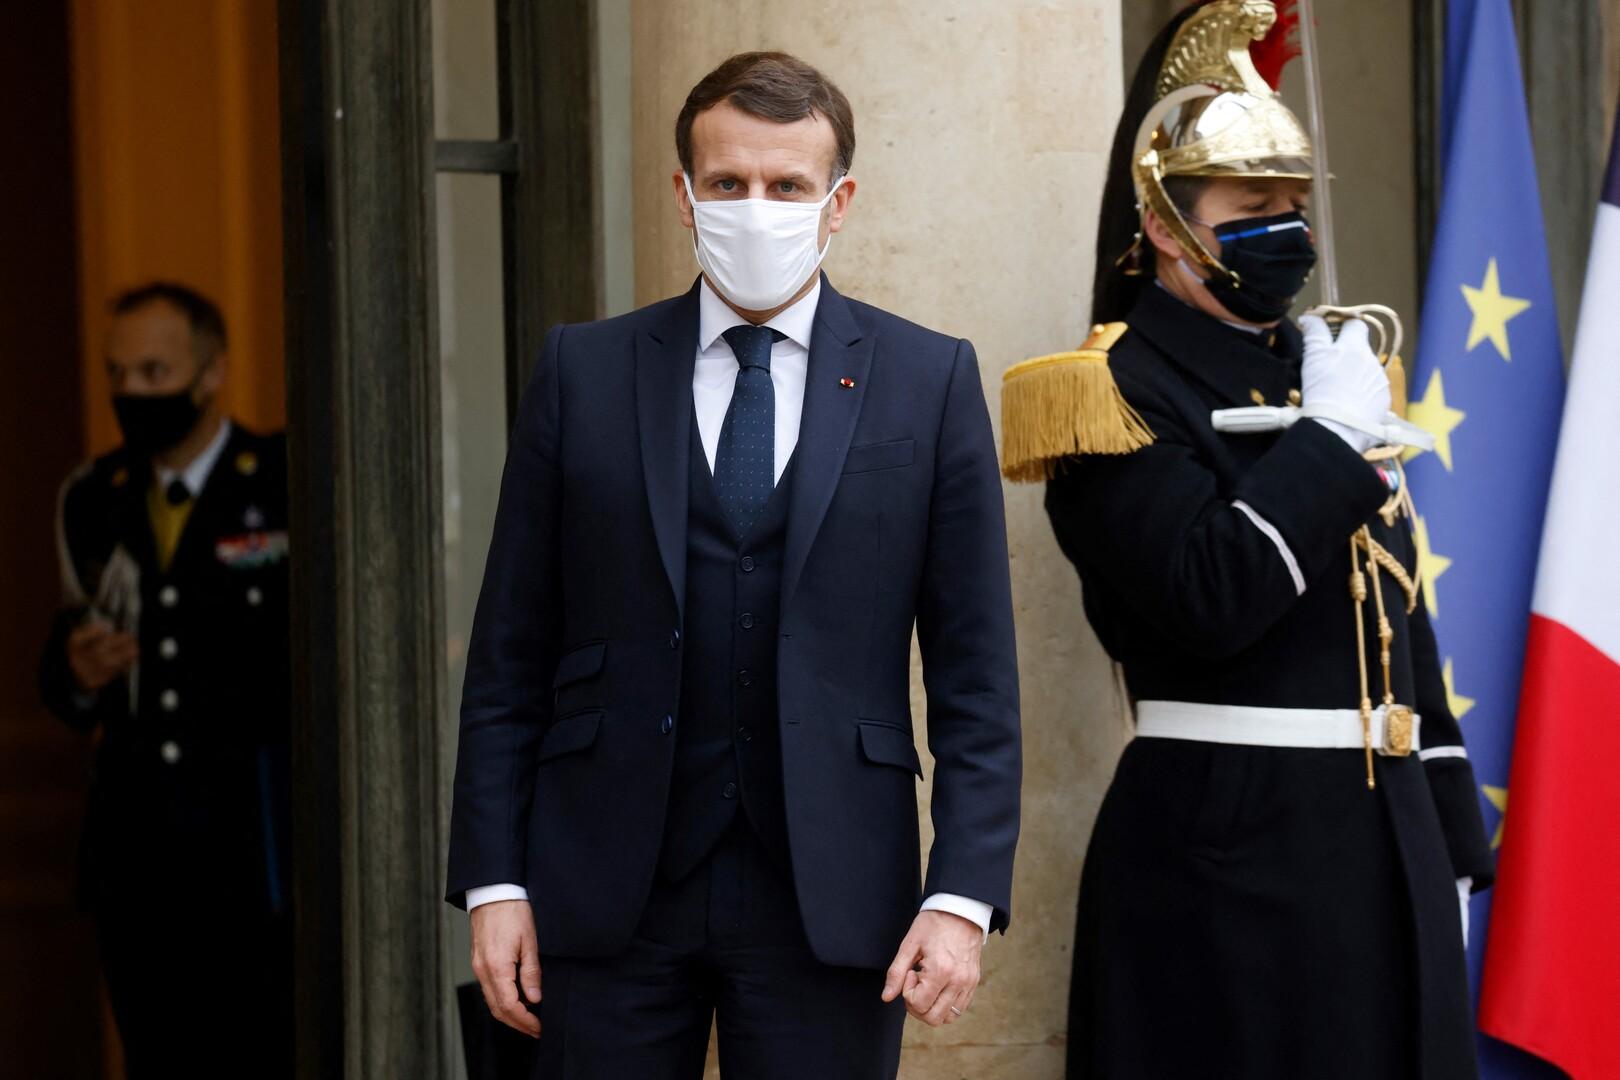 وسائل إعلام لبنانية: الإليزيه يناقش مسألة أن تسمي باريس وزيري العدل والداخلية في الحكومة اللبنانية